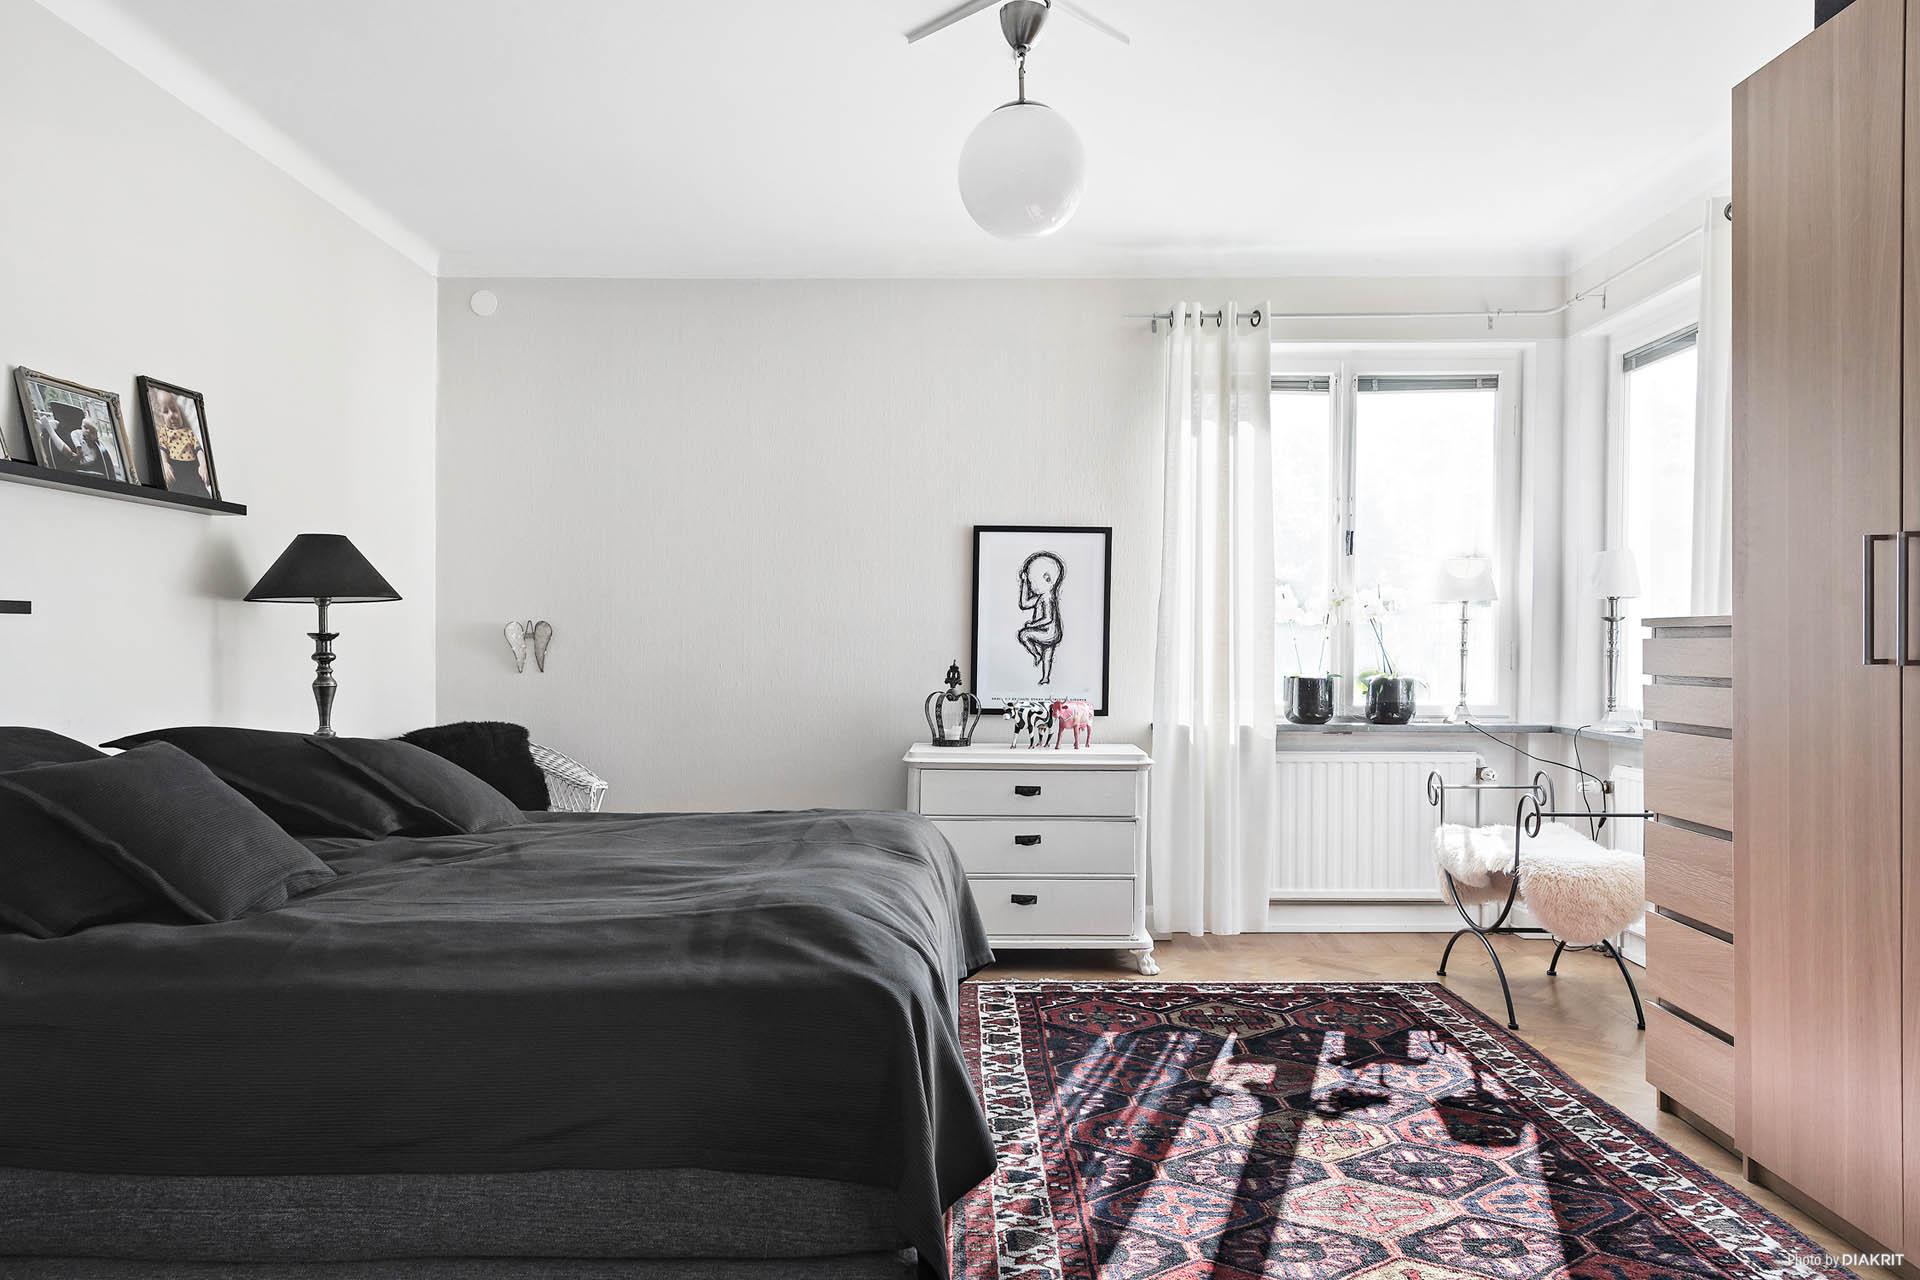 Master bedroom. Precis som övriga rum är detta ett rum med mycket ljusinsläpp och härlig rymd. Vackert stavparkettgolv och fin stuckatur.